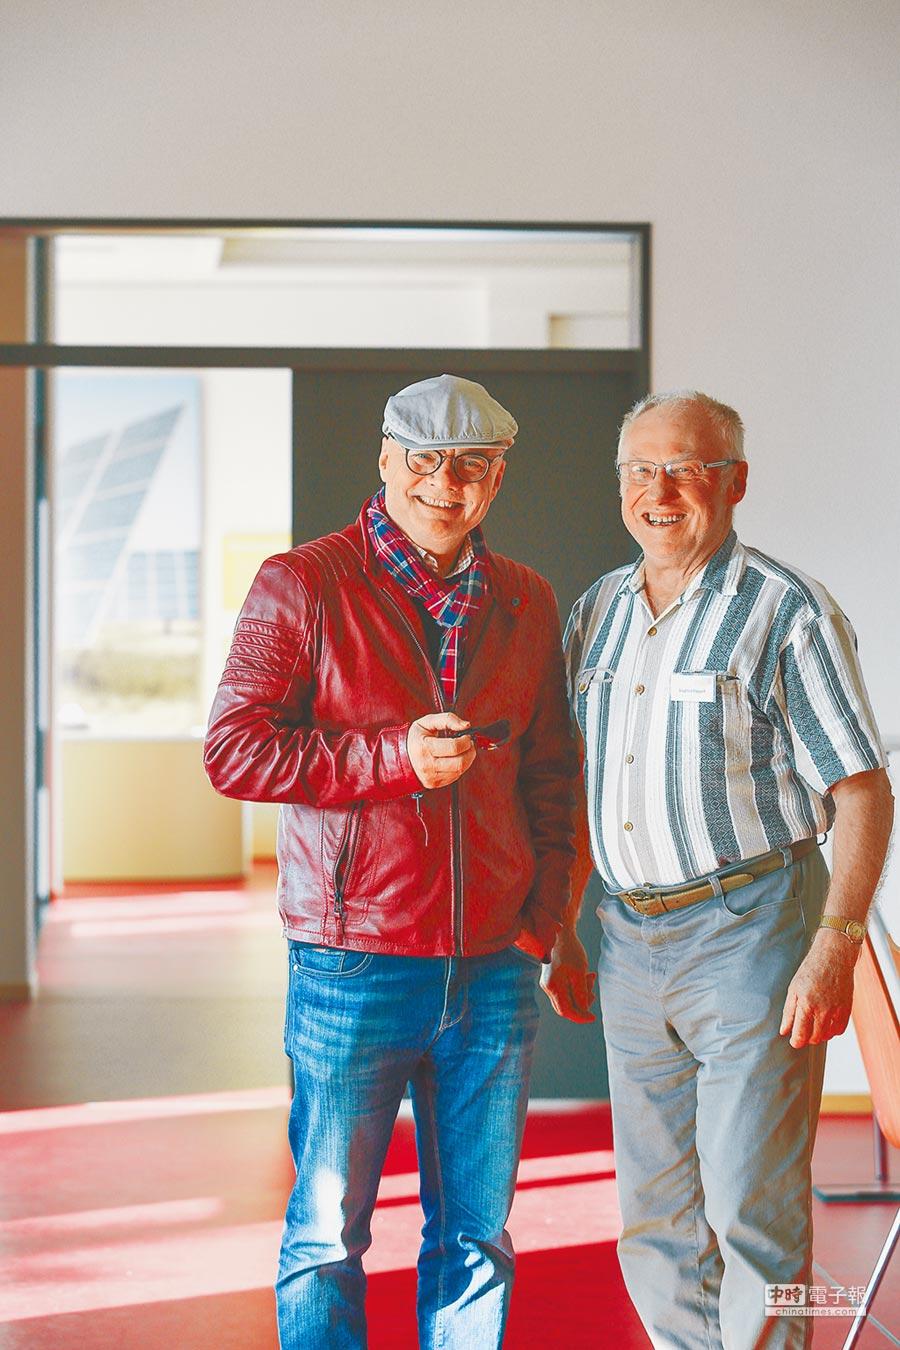 Energiequelle能源公司發言人弗若特(左)與費爾得罕老爺爺卡帕特(右)。(鄧博仁攝)